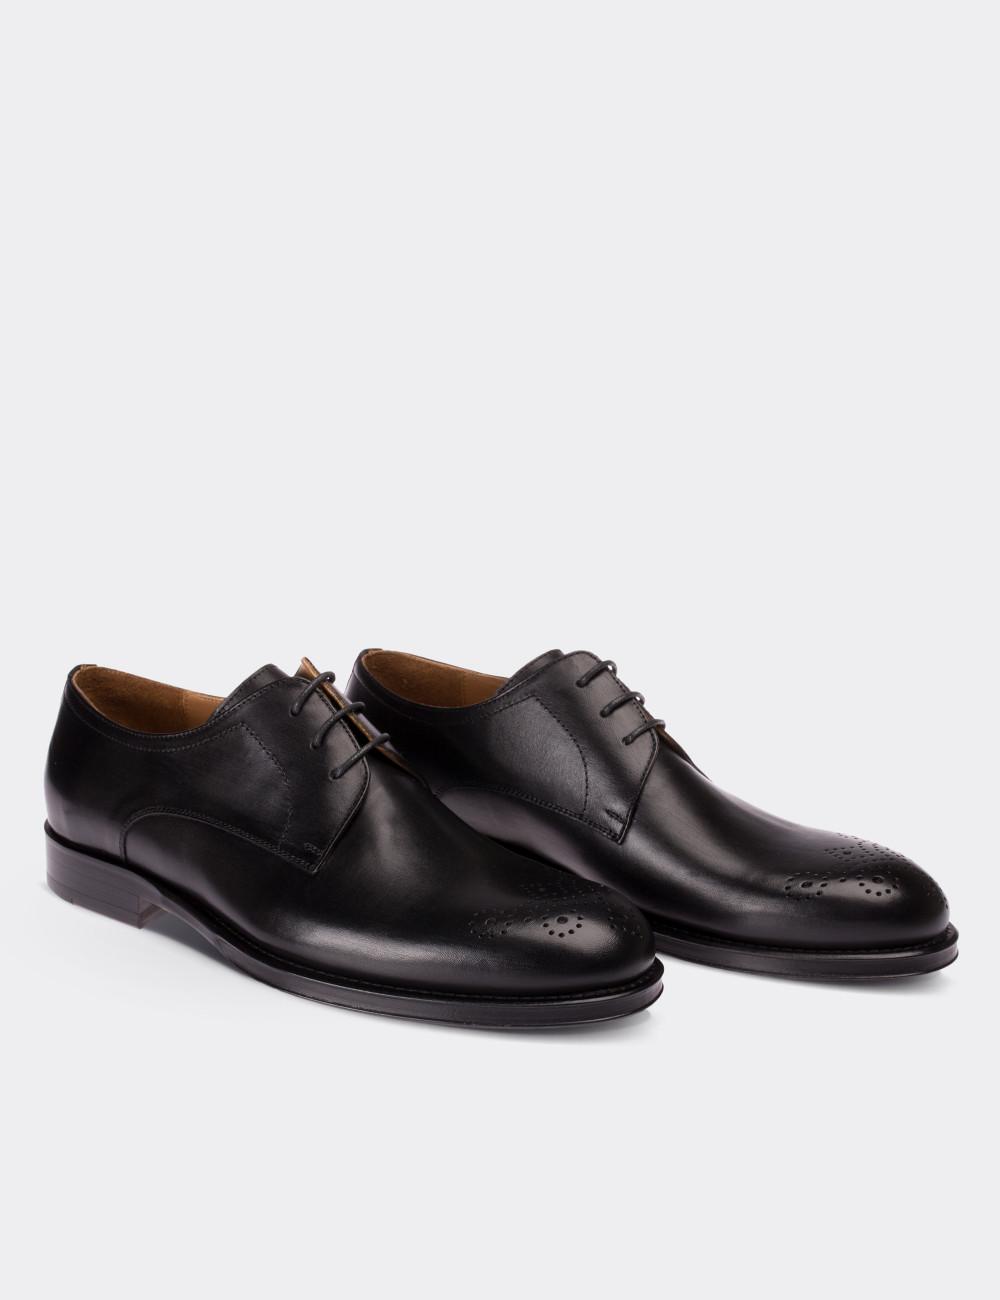 Hakiki Deri Siyah Kösele Klasik Erkek Ayakkabı - 01604MSYHK01